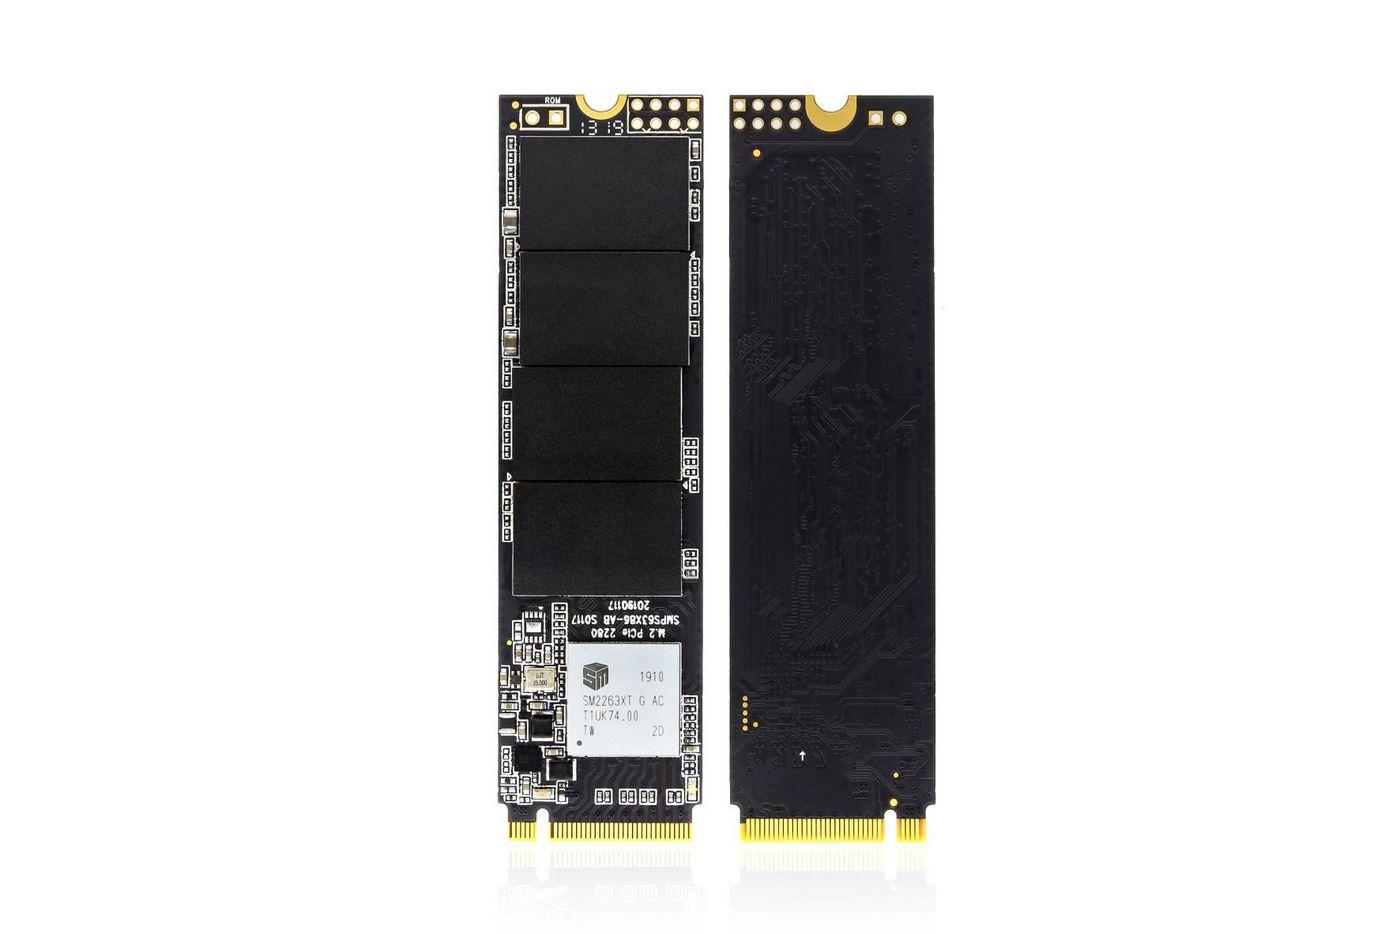 CoreParts MS-SSD-256GB-010 256GB M.2 2280 NVME 3D TLC SSD